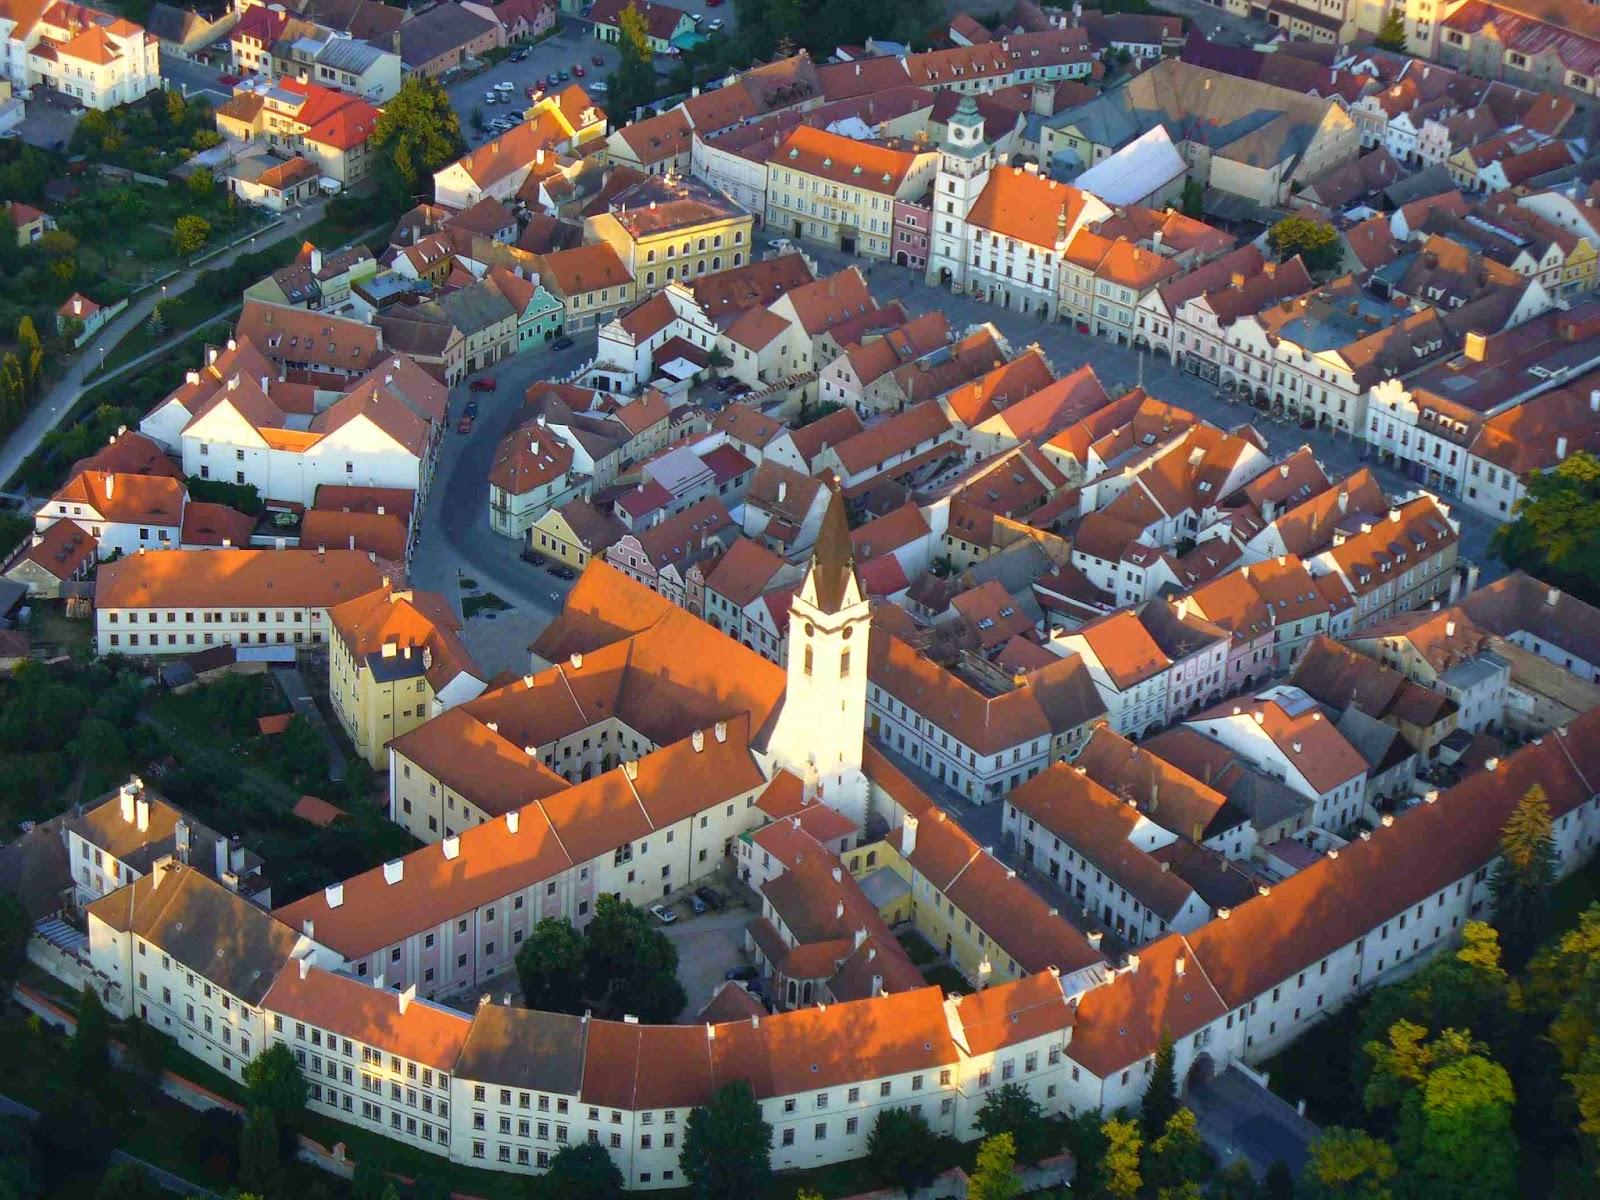 historické centrum Třeboně z ptačí perspektivy